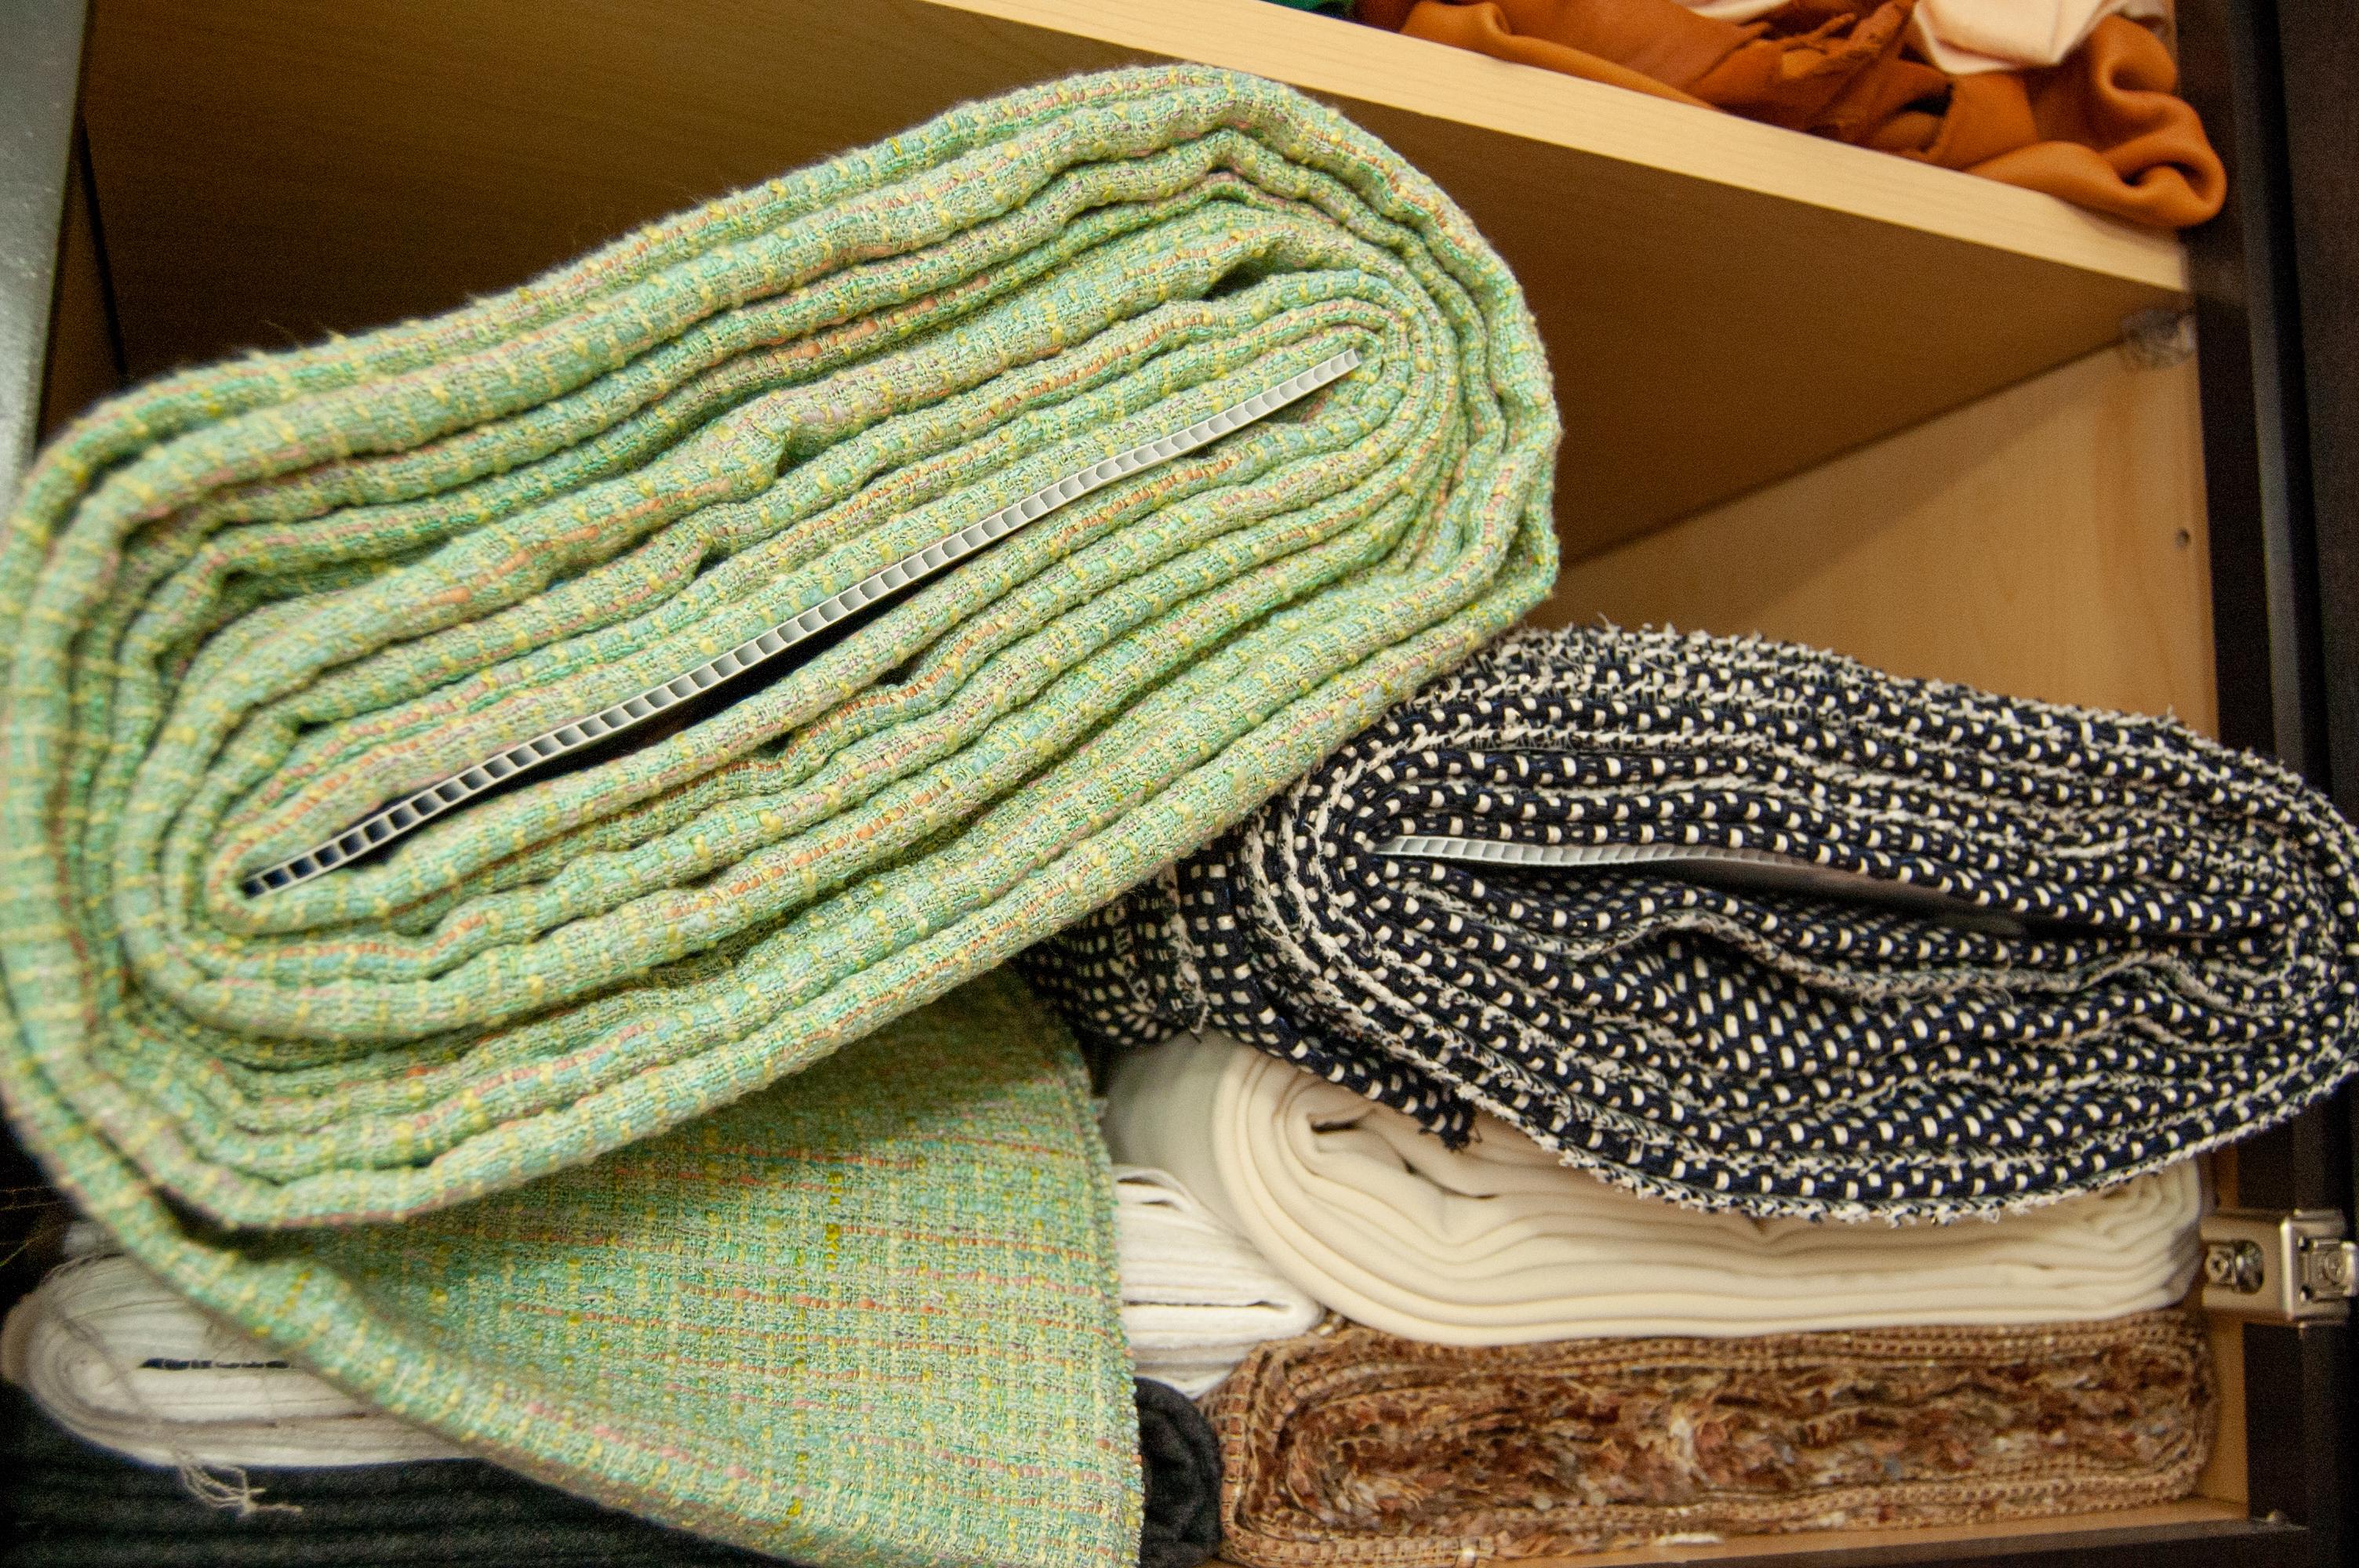 managing fabric yardage_2020 05 01_0446